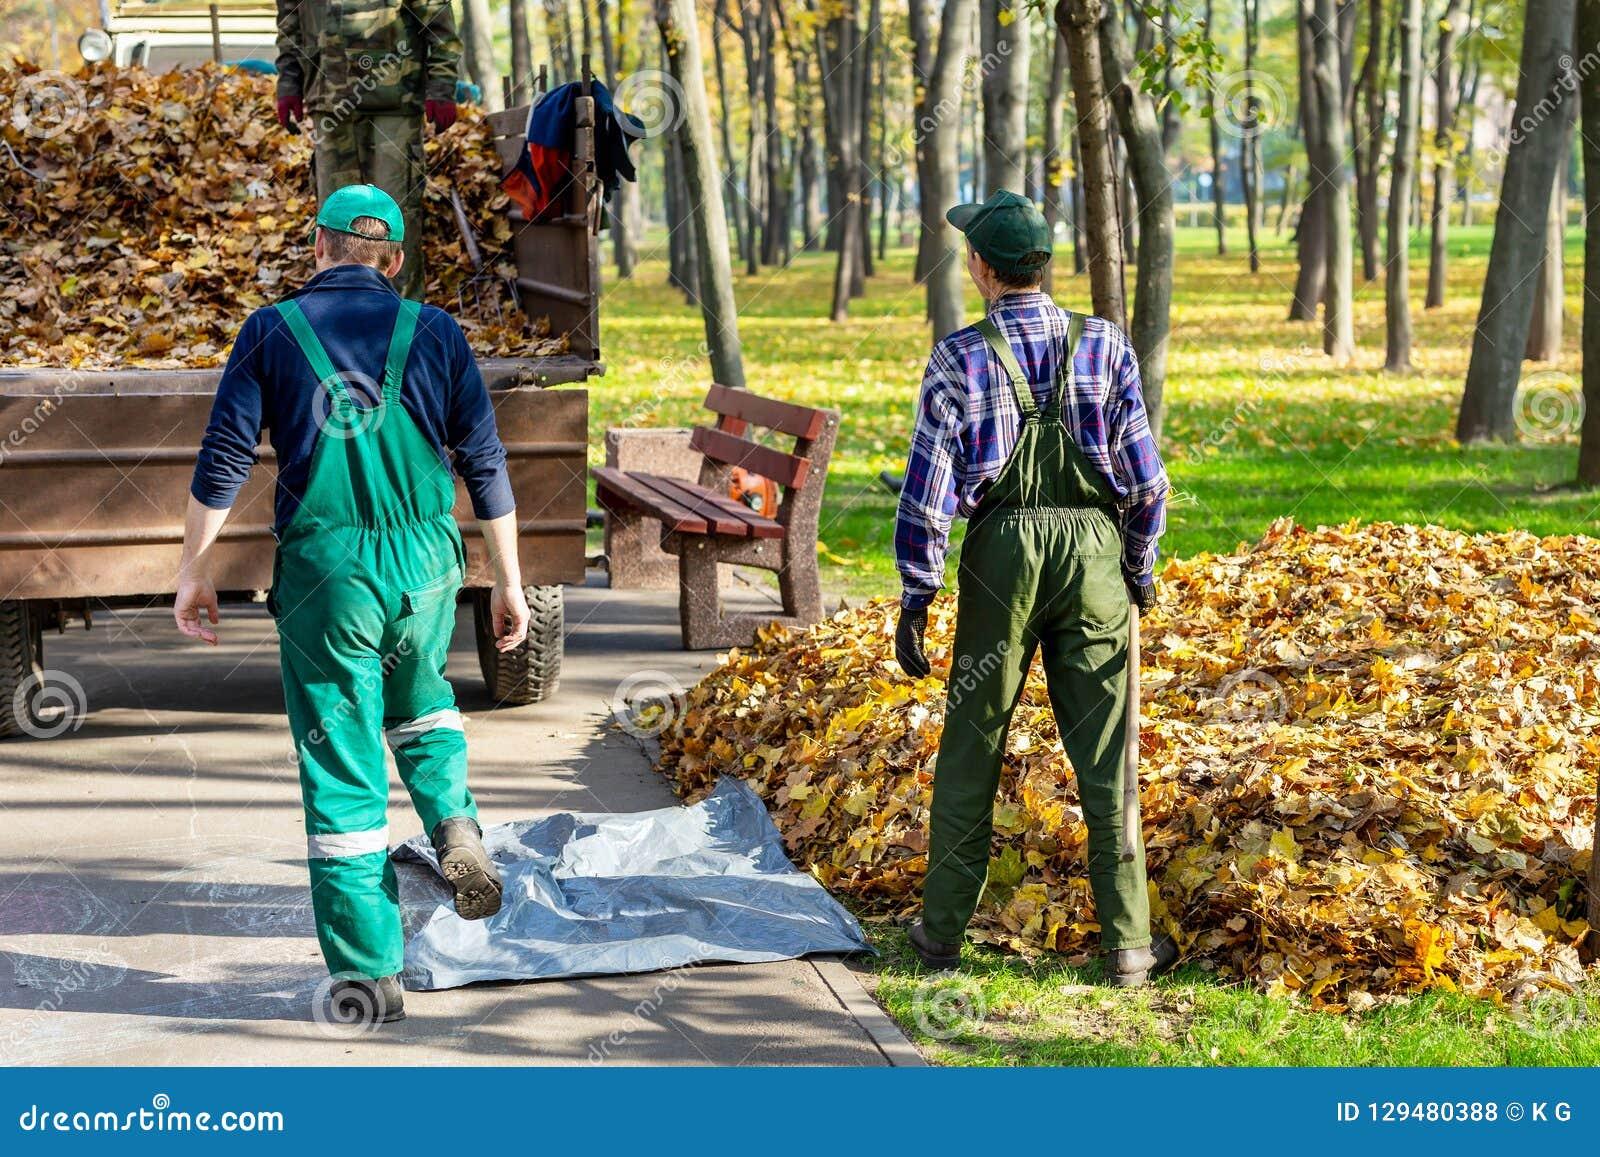 Travailleurs enlevant les feuilles tombées en automne dans le parl de ville nettoyage saisonnier de feuillage dans la chute Déche